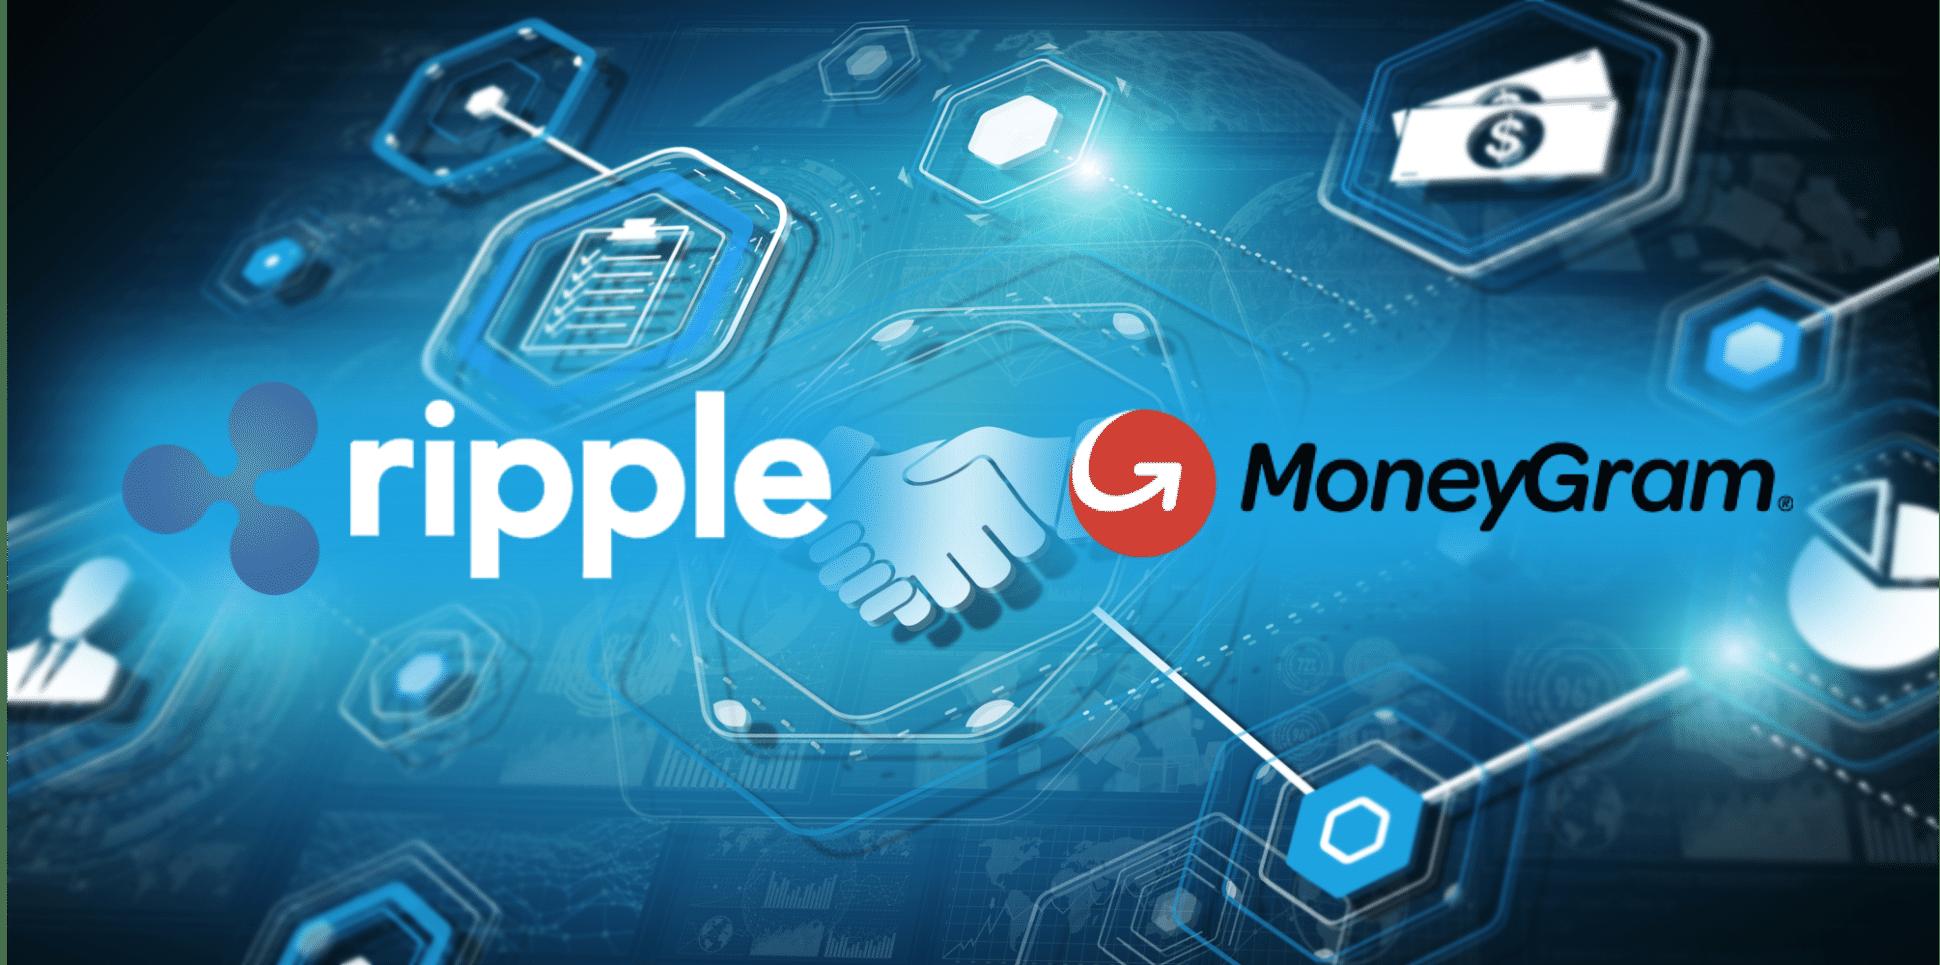 Ripple vende 33% de sua participação na MoneyGram